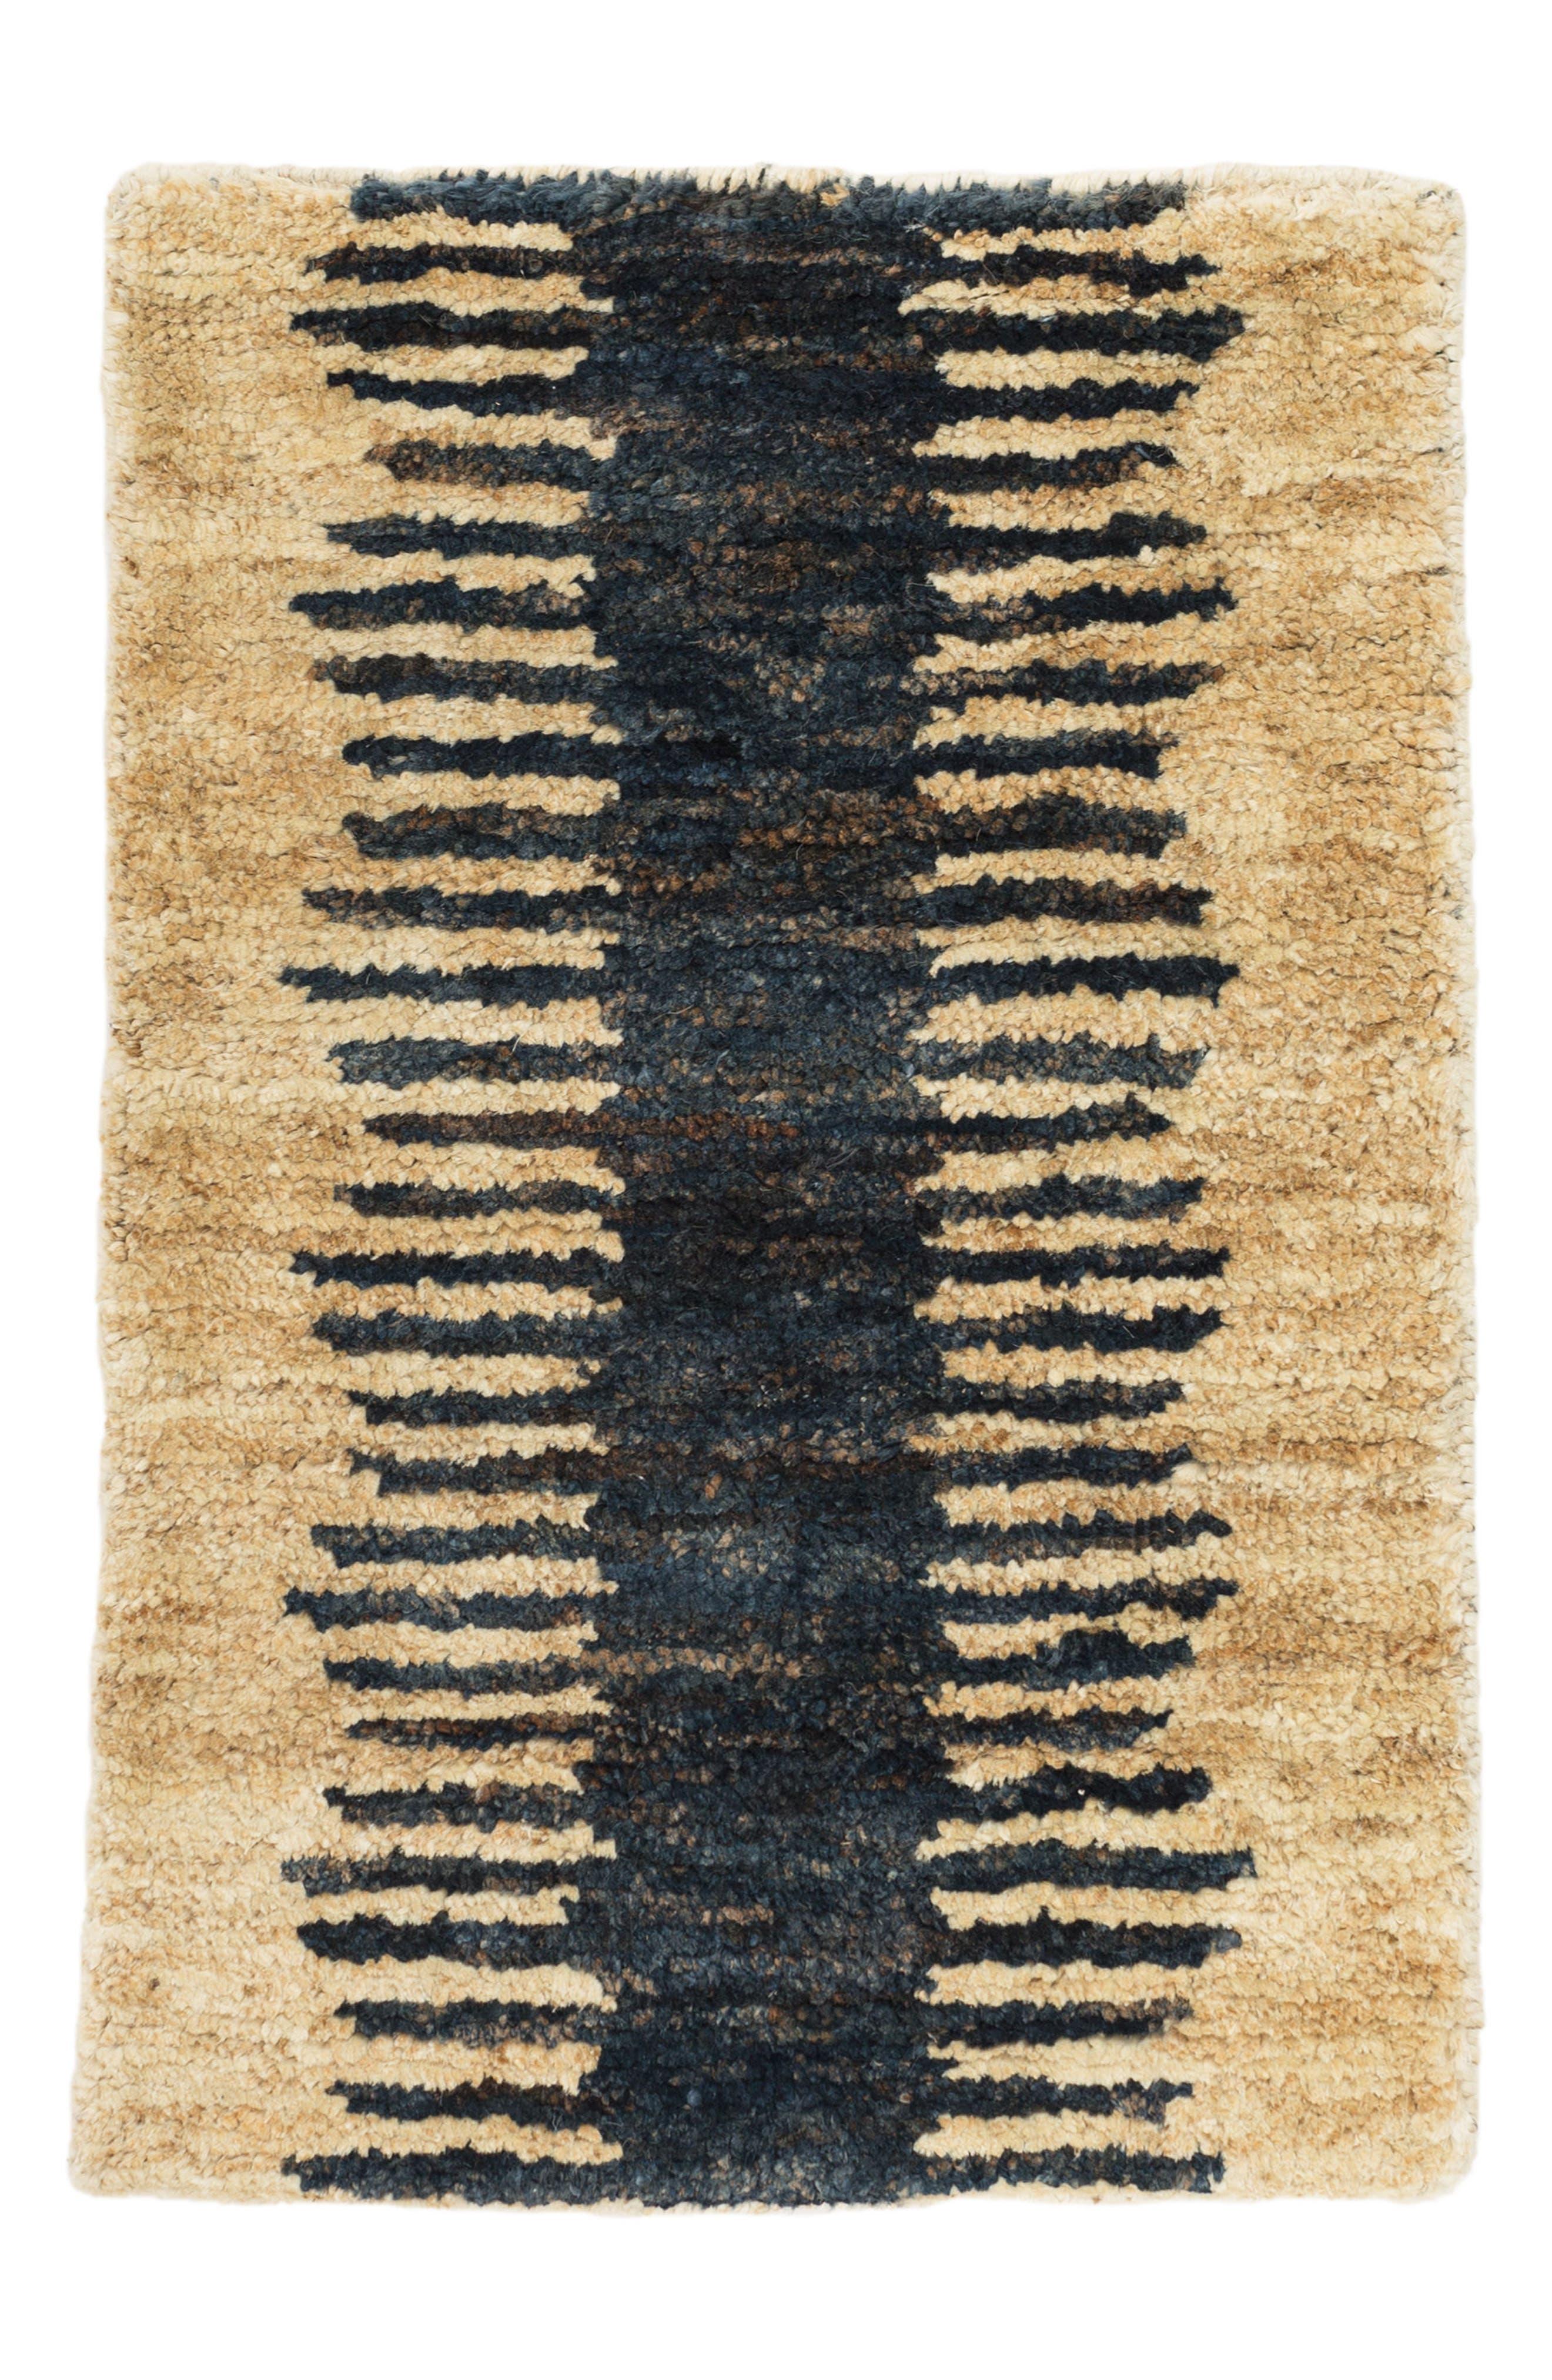 Fez Woven Jute & Cotton Rug,                         Main,                         color, Blue